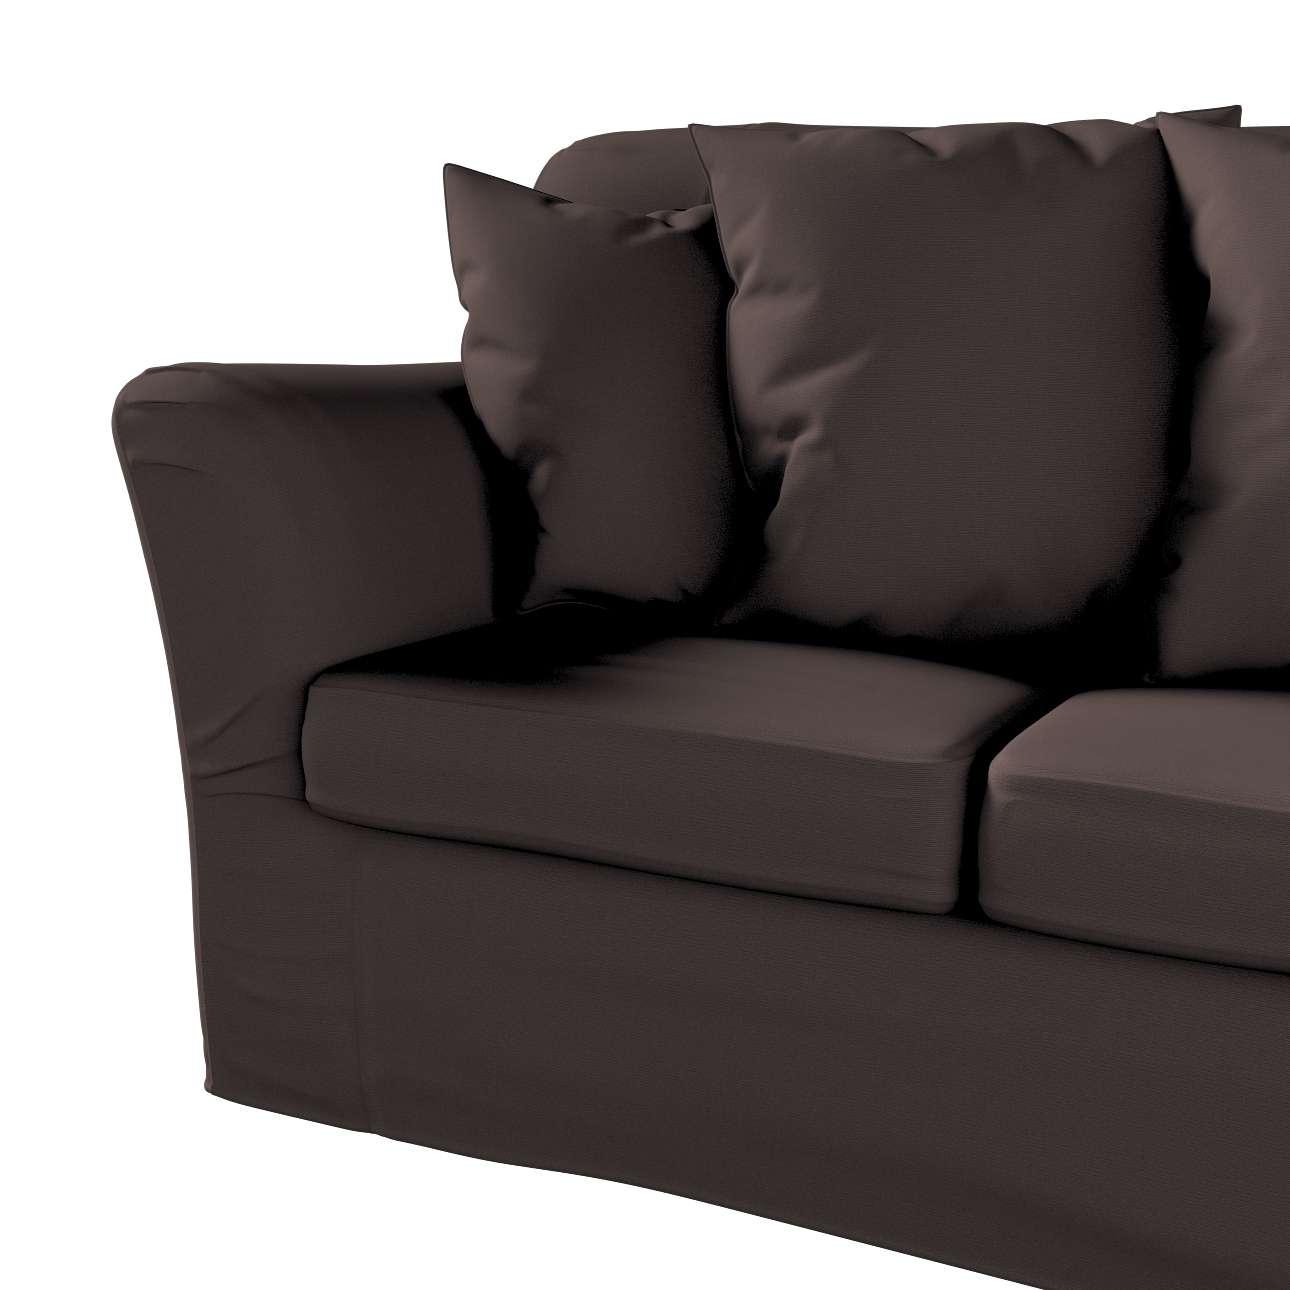 Pokrowiec na sofę Tomelilla 3-osobową nierozkładaną w kolekcji Cotton Panama, tkanina: 702-03